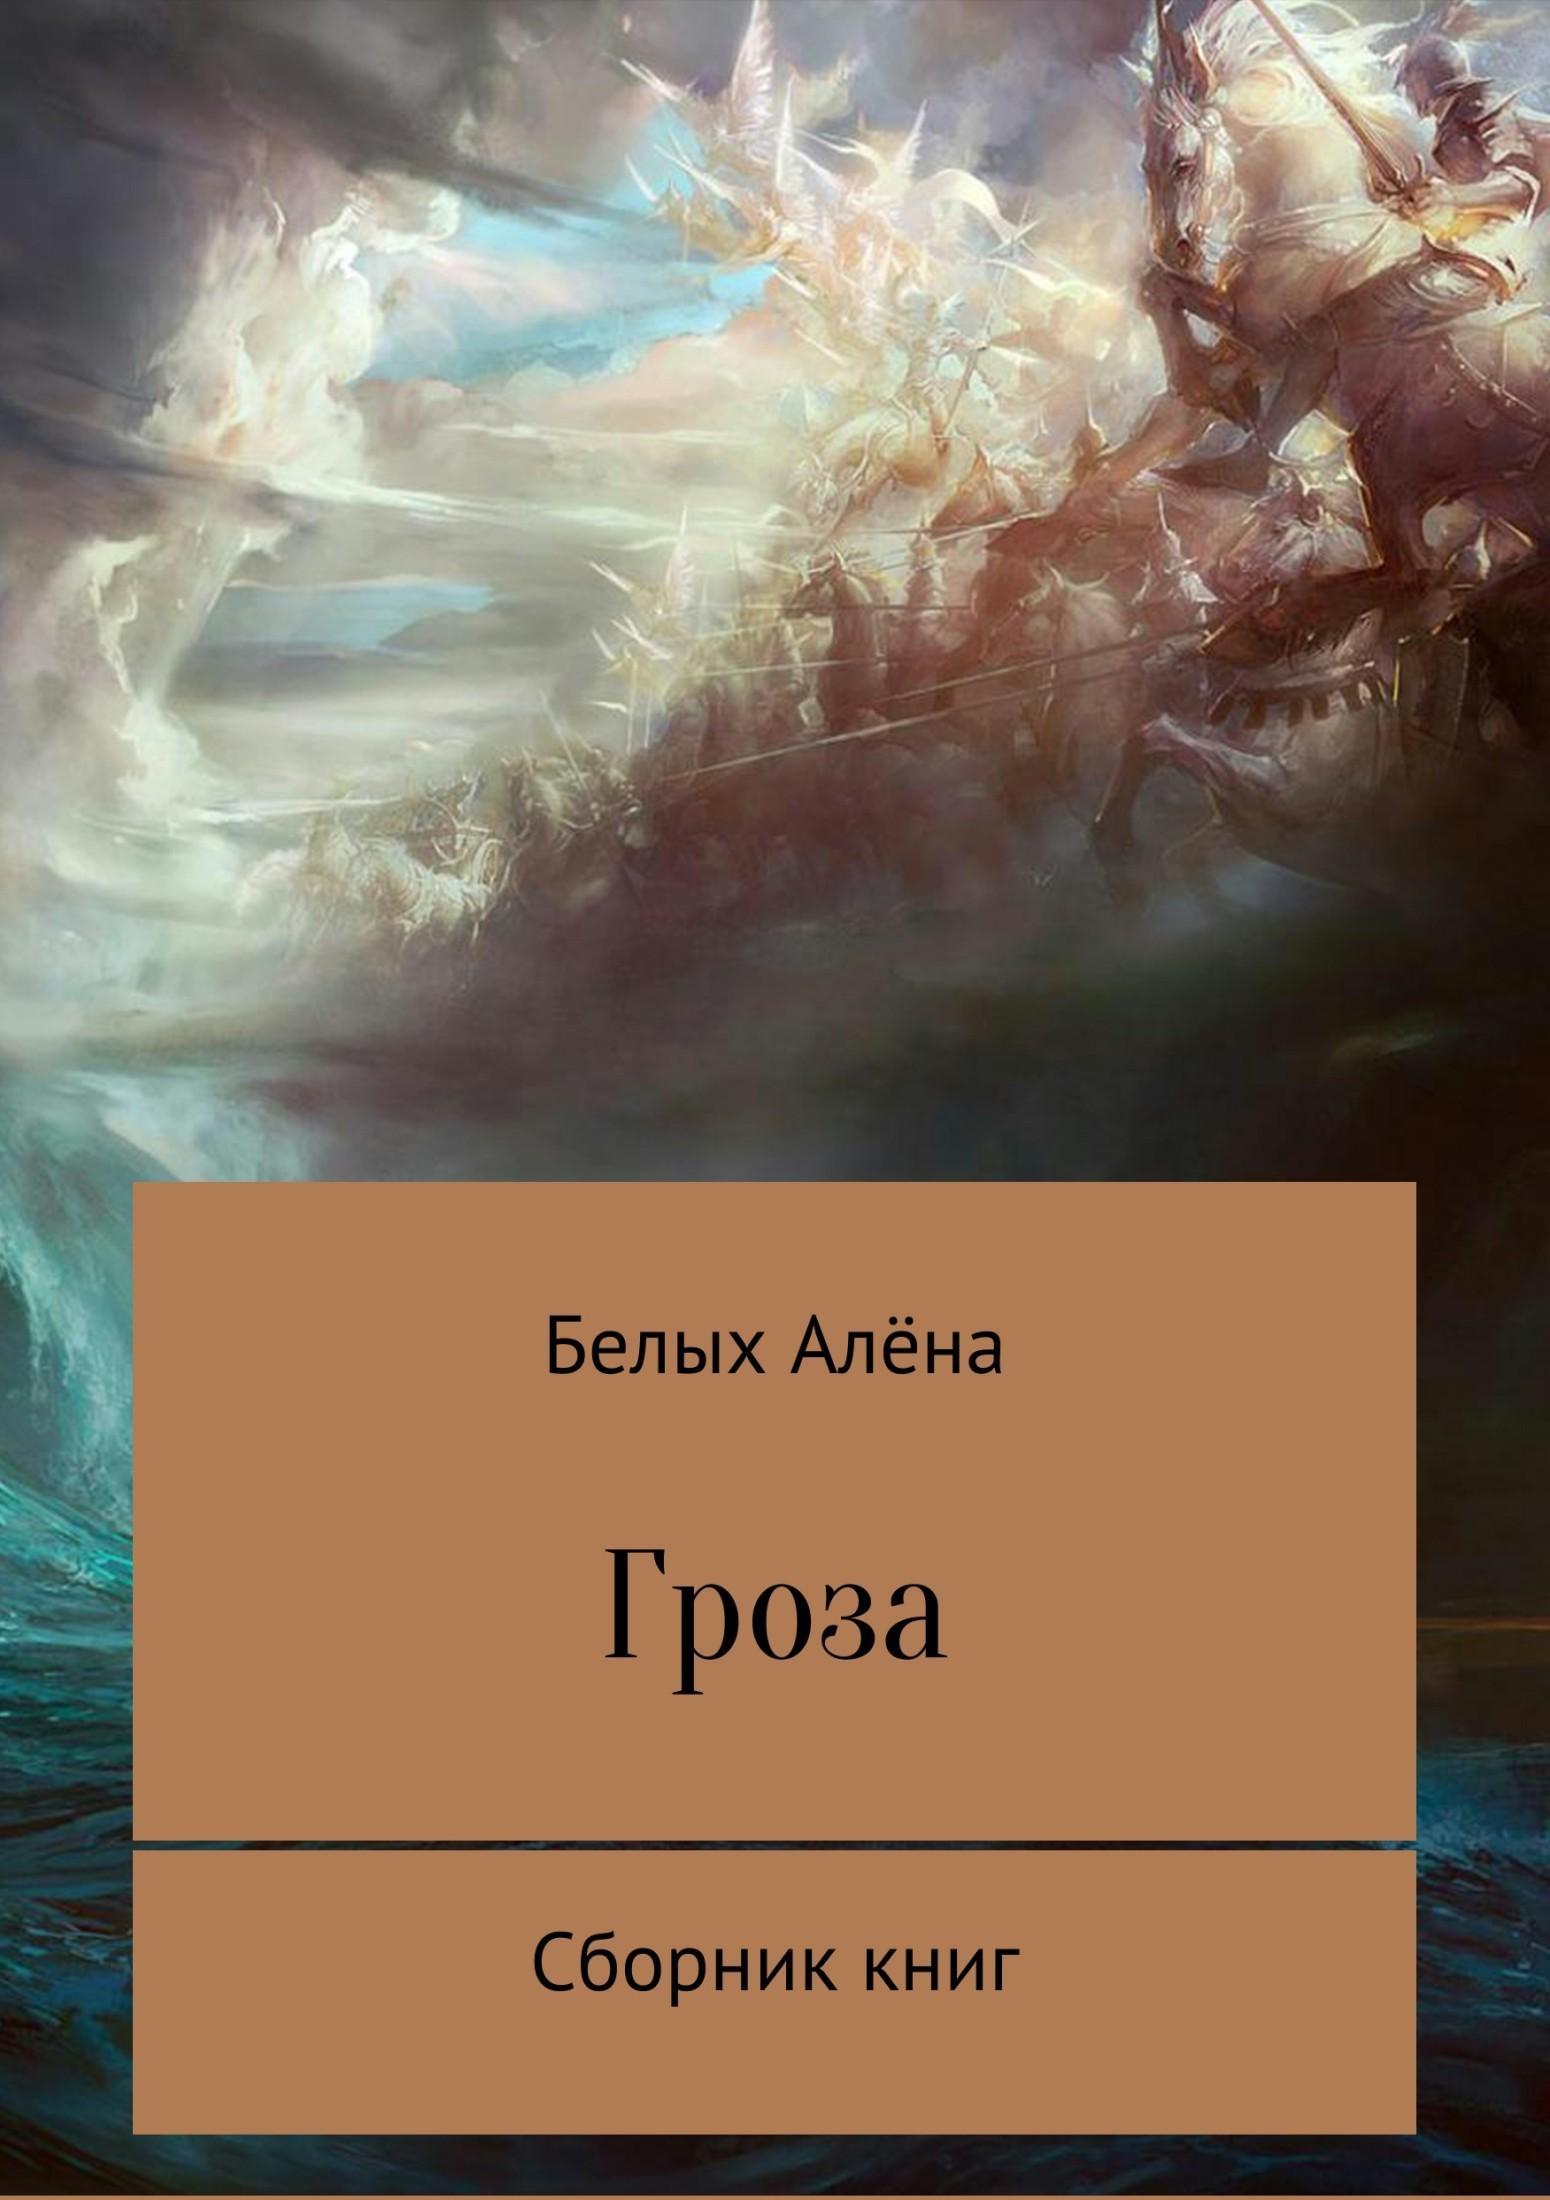 Алёна Белых - Гроза. Сборник книг